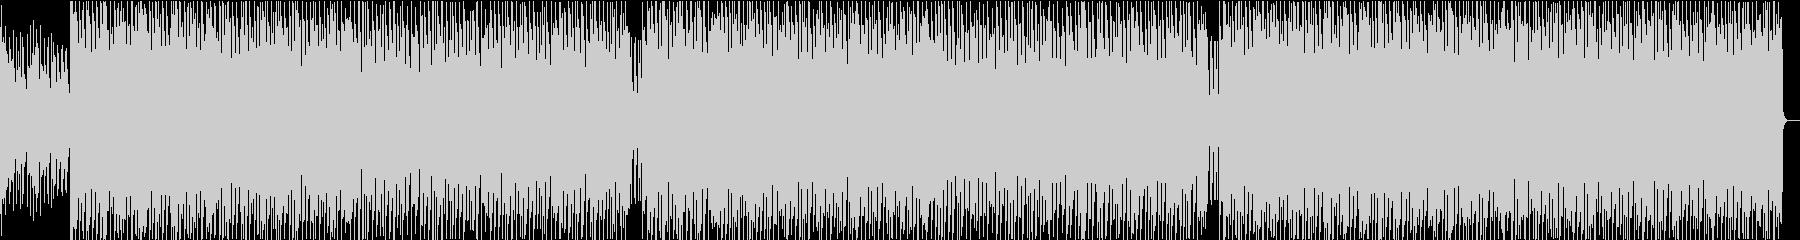 映像によく合うさわやかで前向きなBGMの未再生の波形